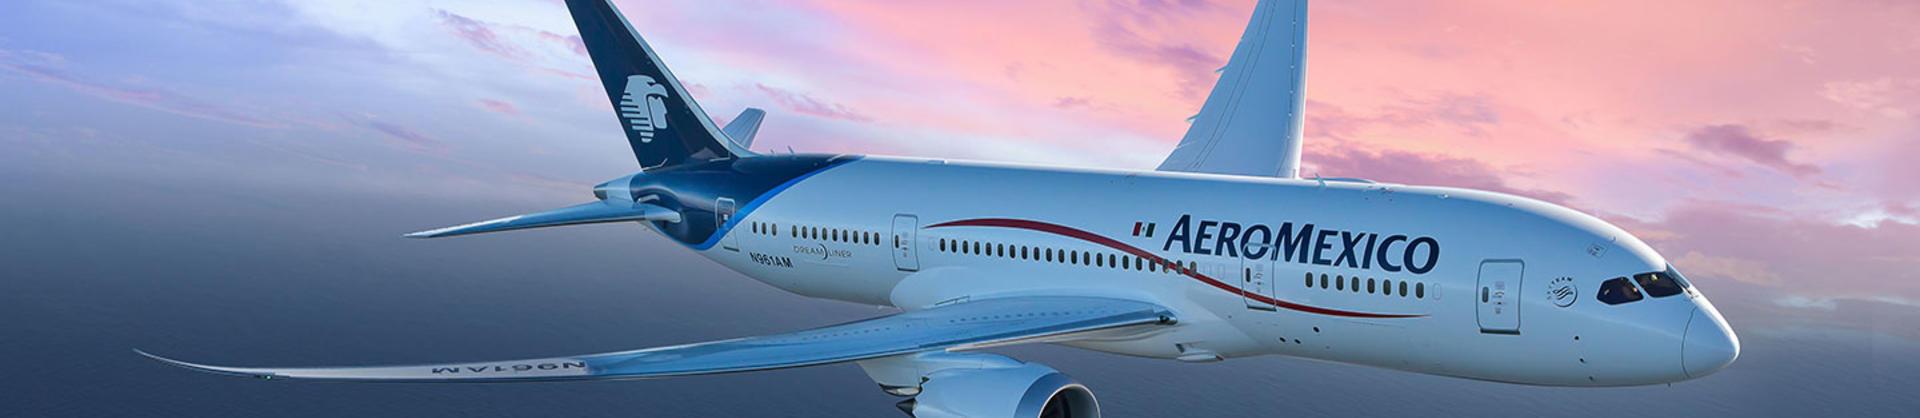 Aeromexico 787 aircraft